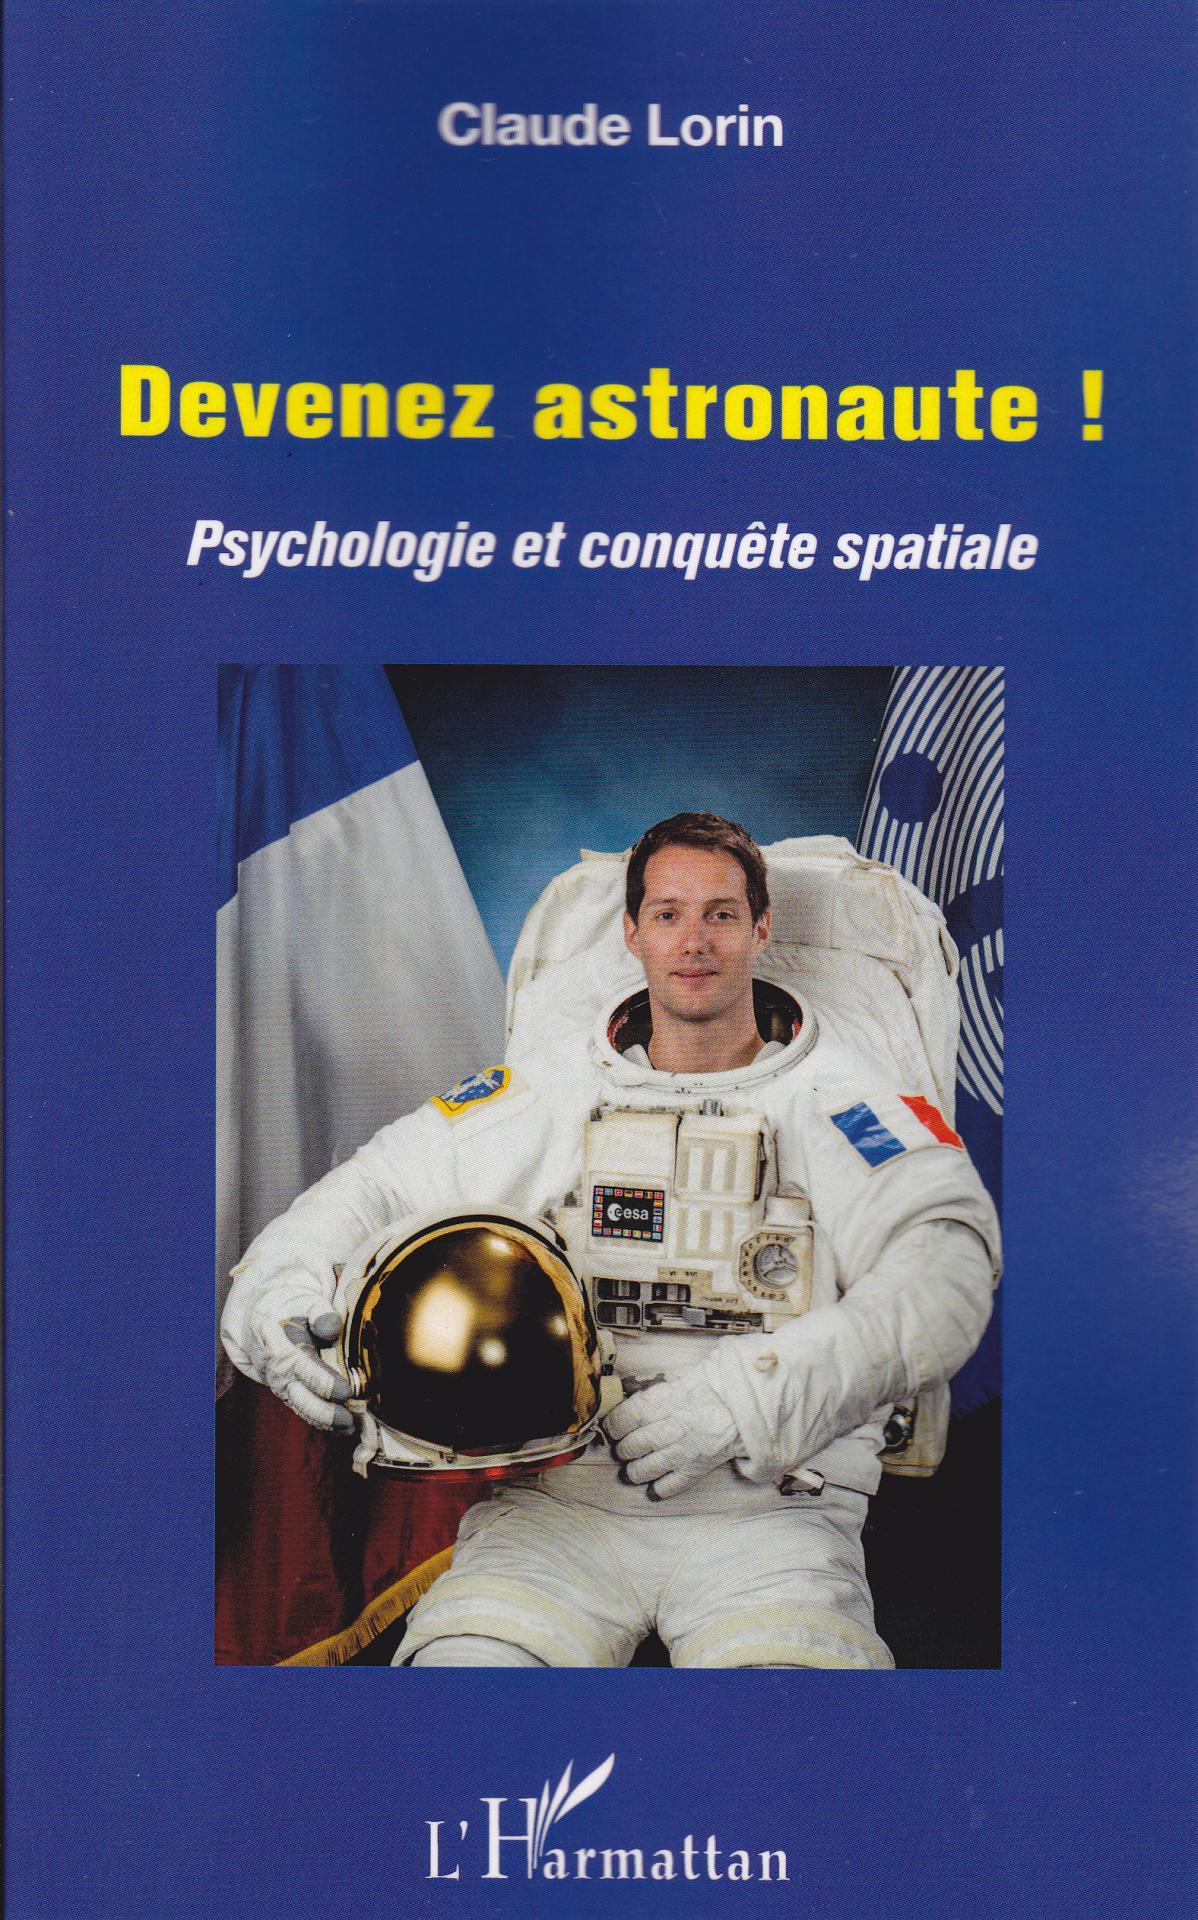 """Vient de paraître """"Devenez astronaute!"""" (psychologie et conquête spatiale)"""